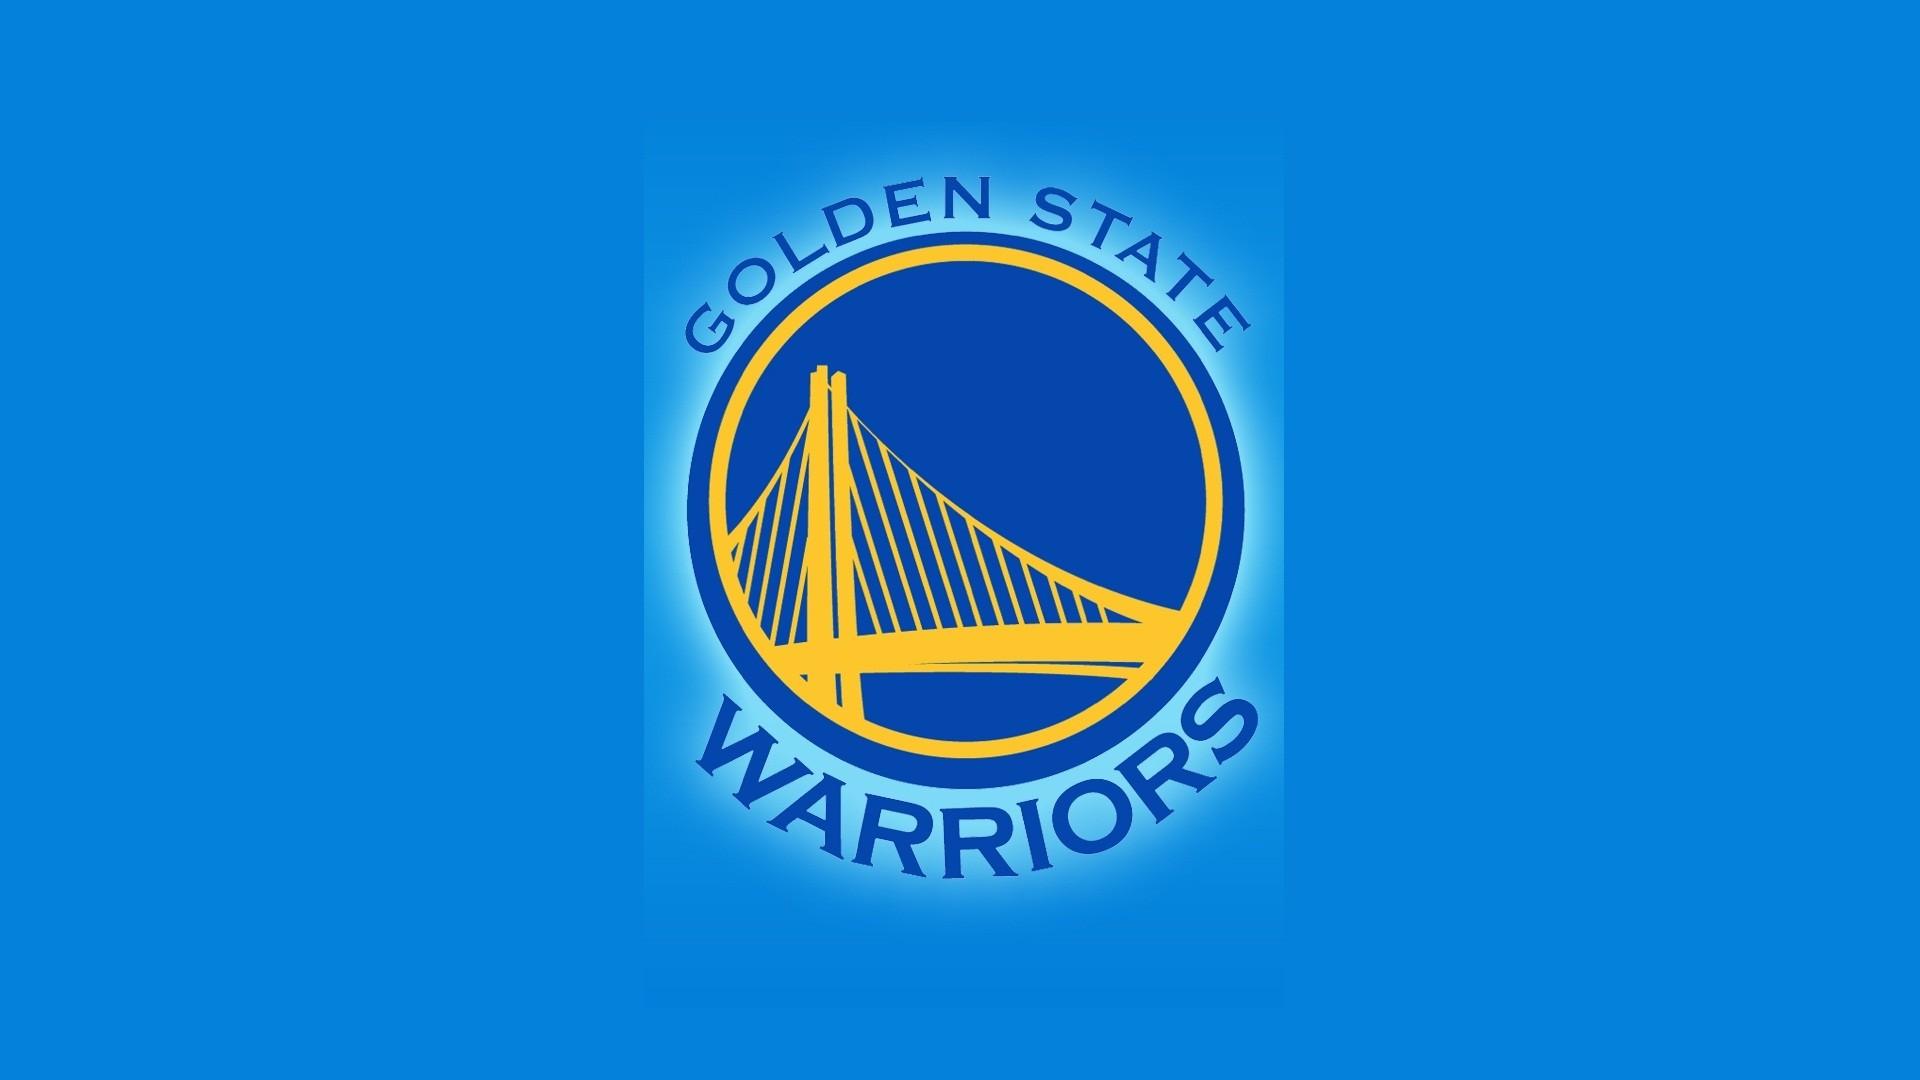 Golden State Warriors Wallpaper Hd Golden State Warriors Logo Desktop Wallpaper 2019